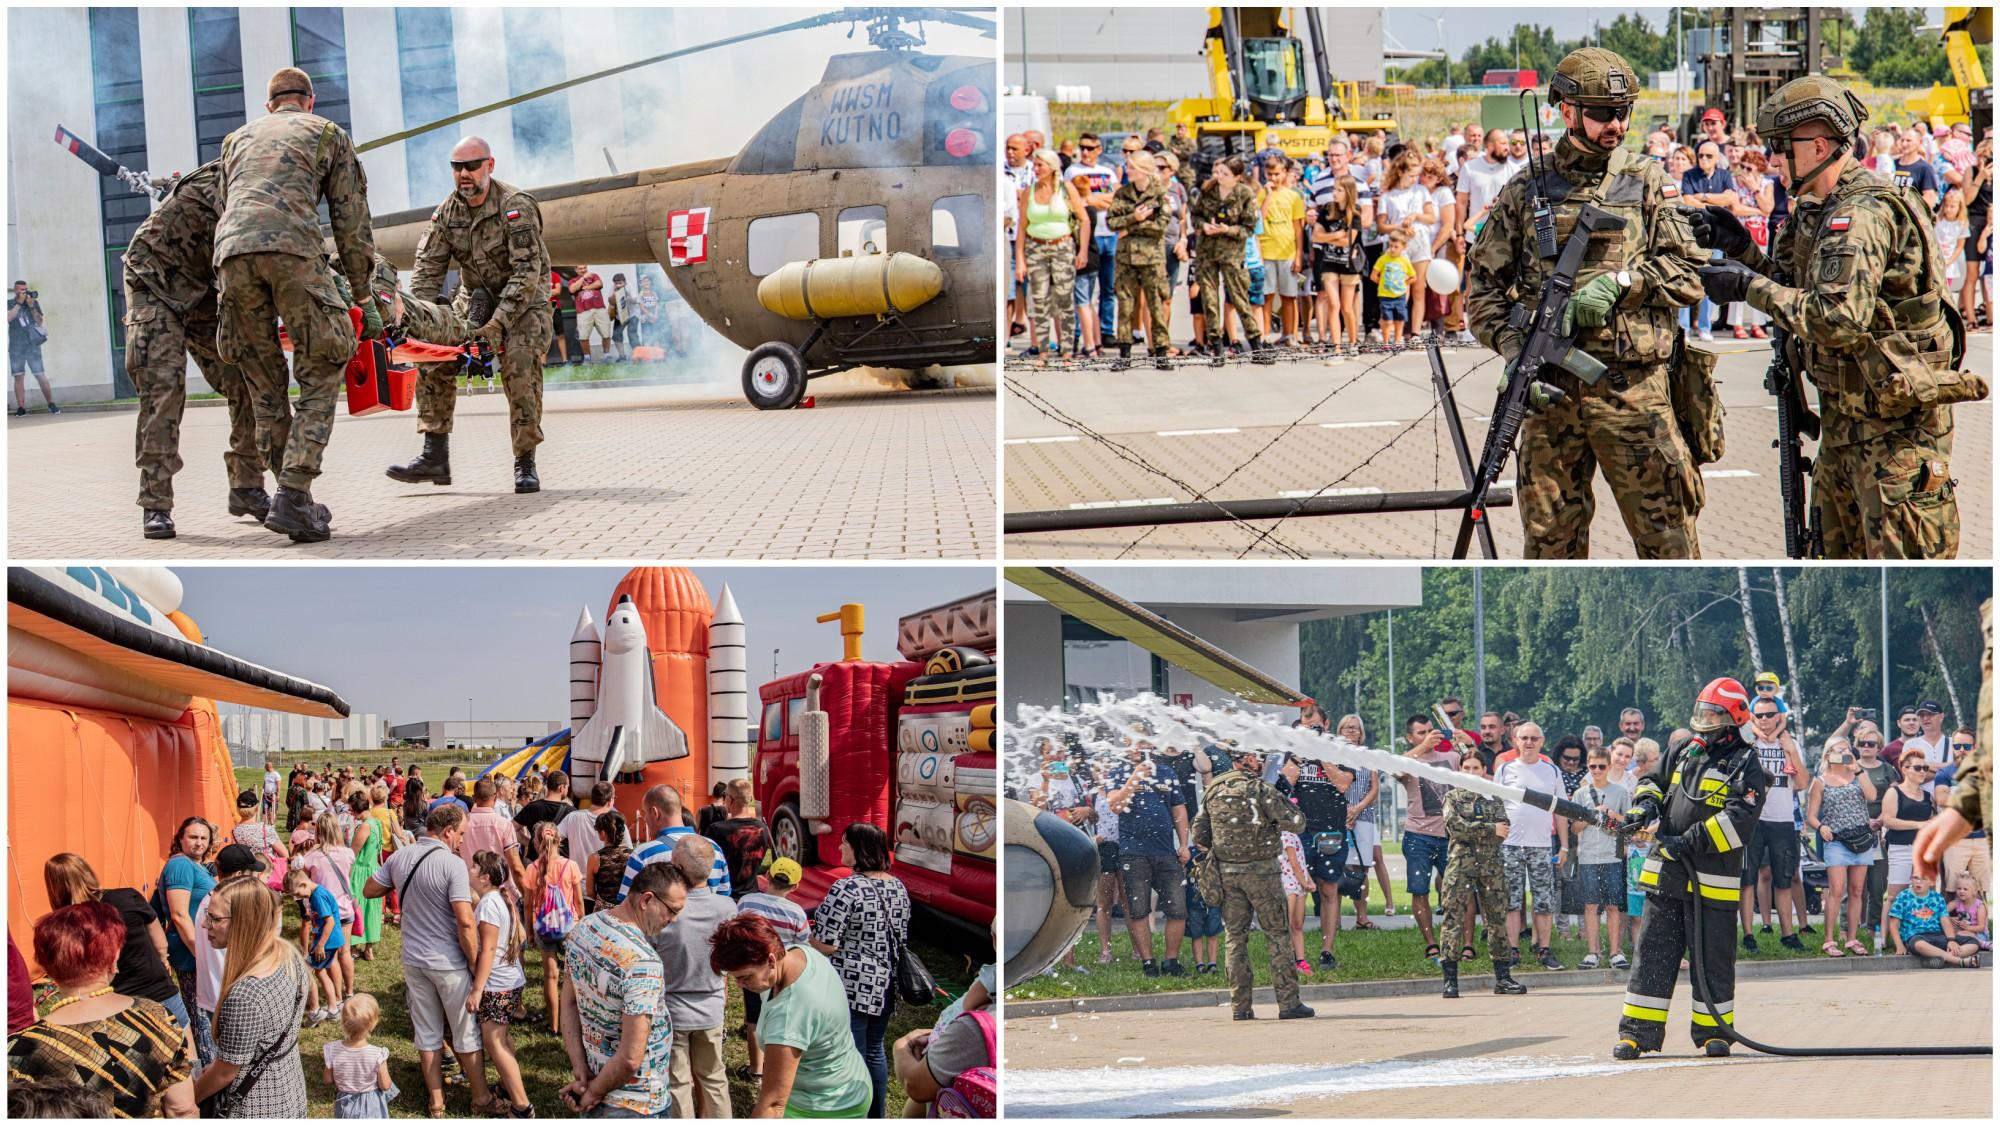 Wielkie wojskowe święto przyciągnęło tłumy! [ZDJĘCIA] - Zdjęcie główne